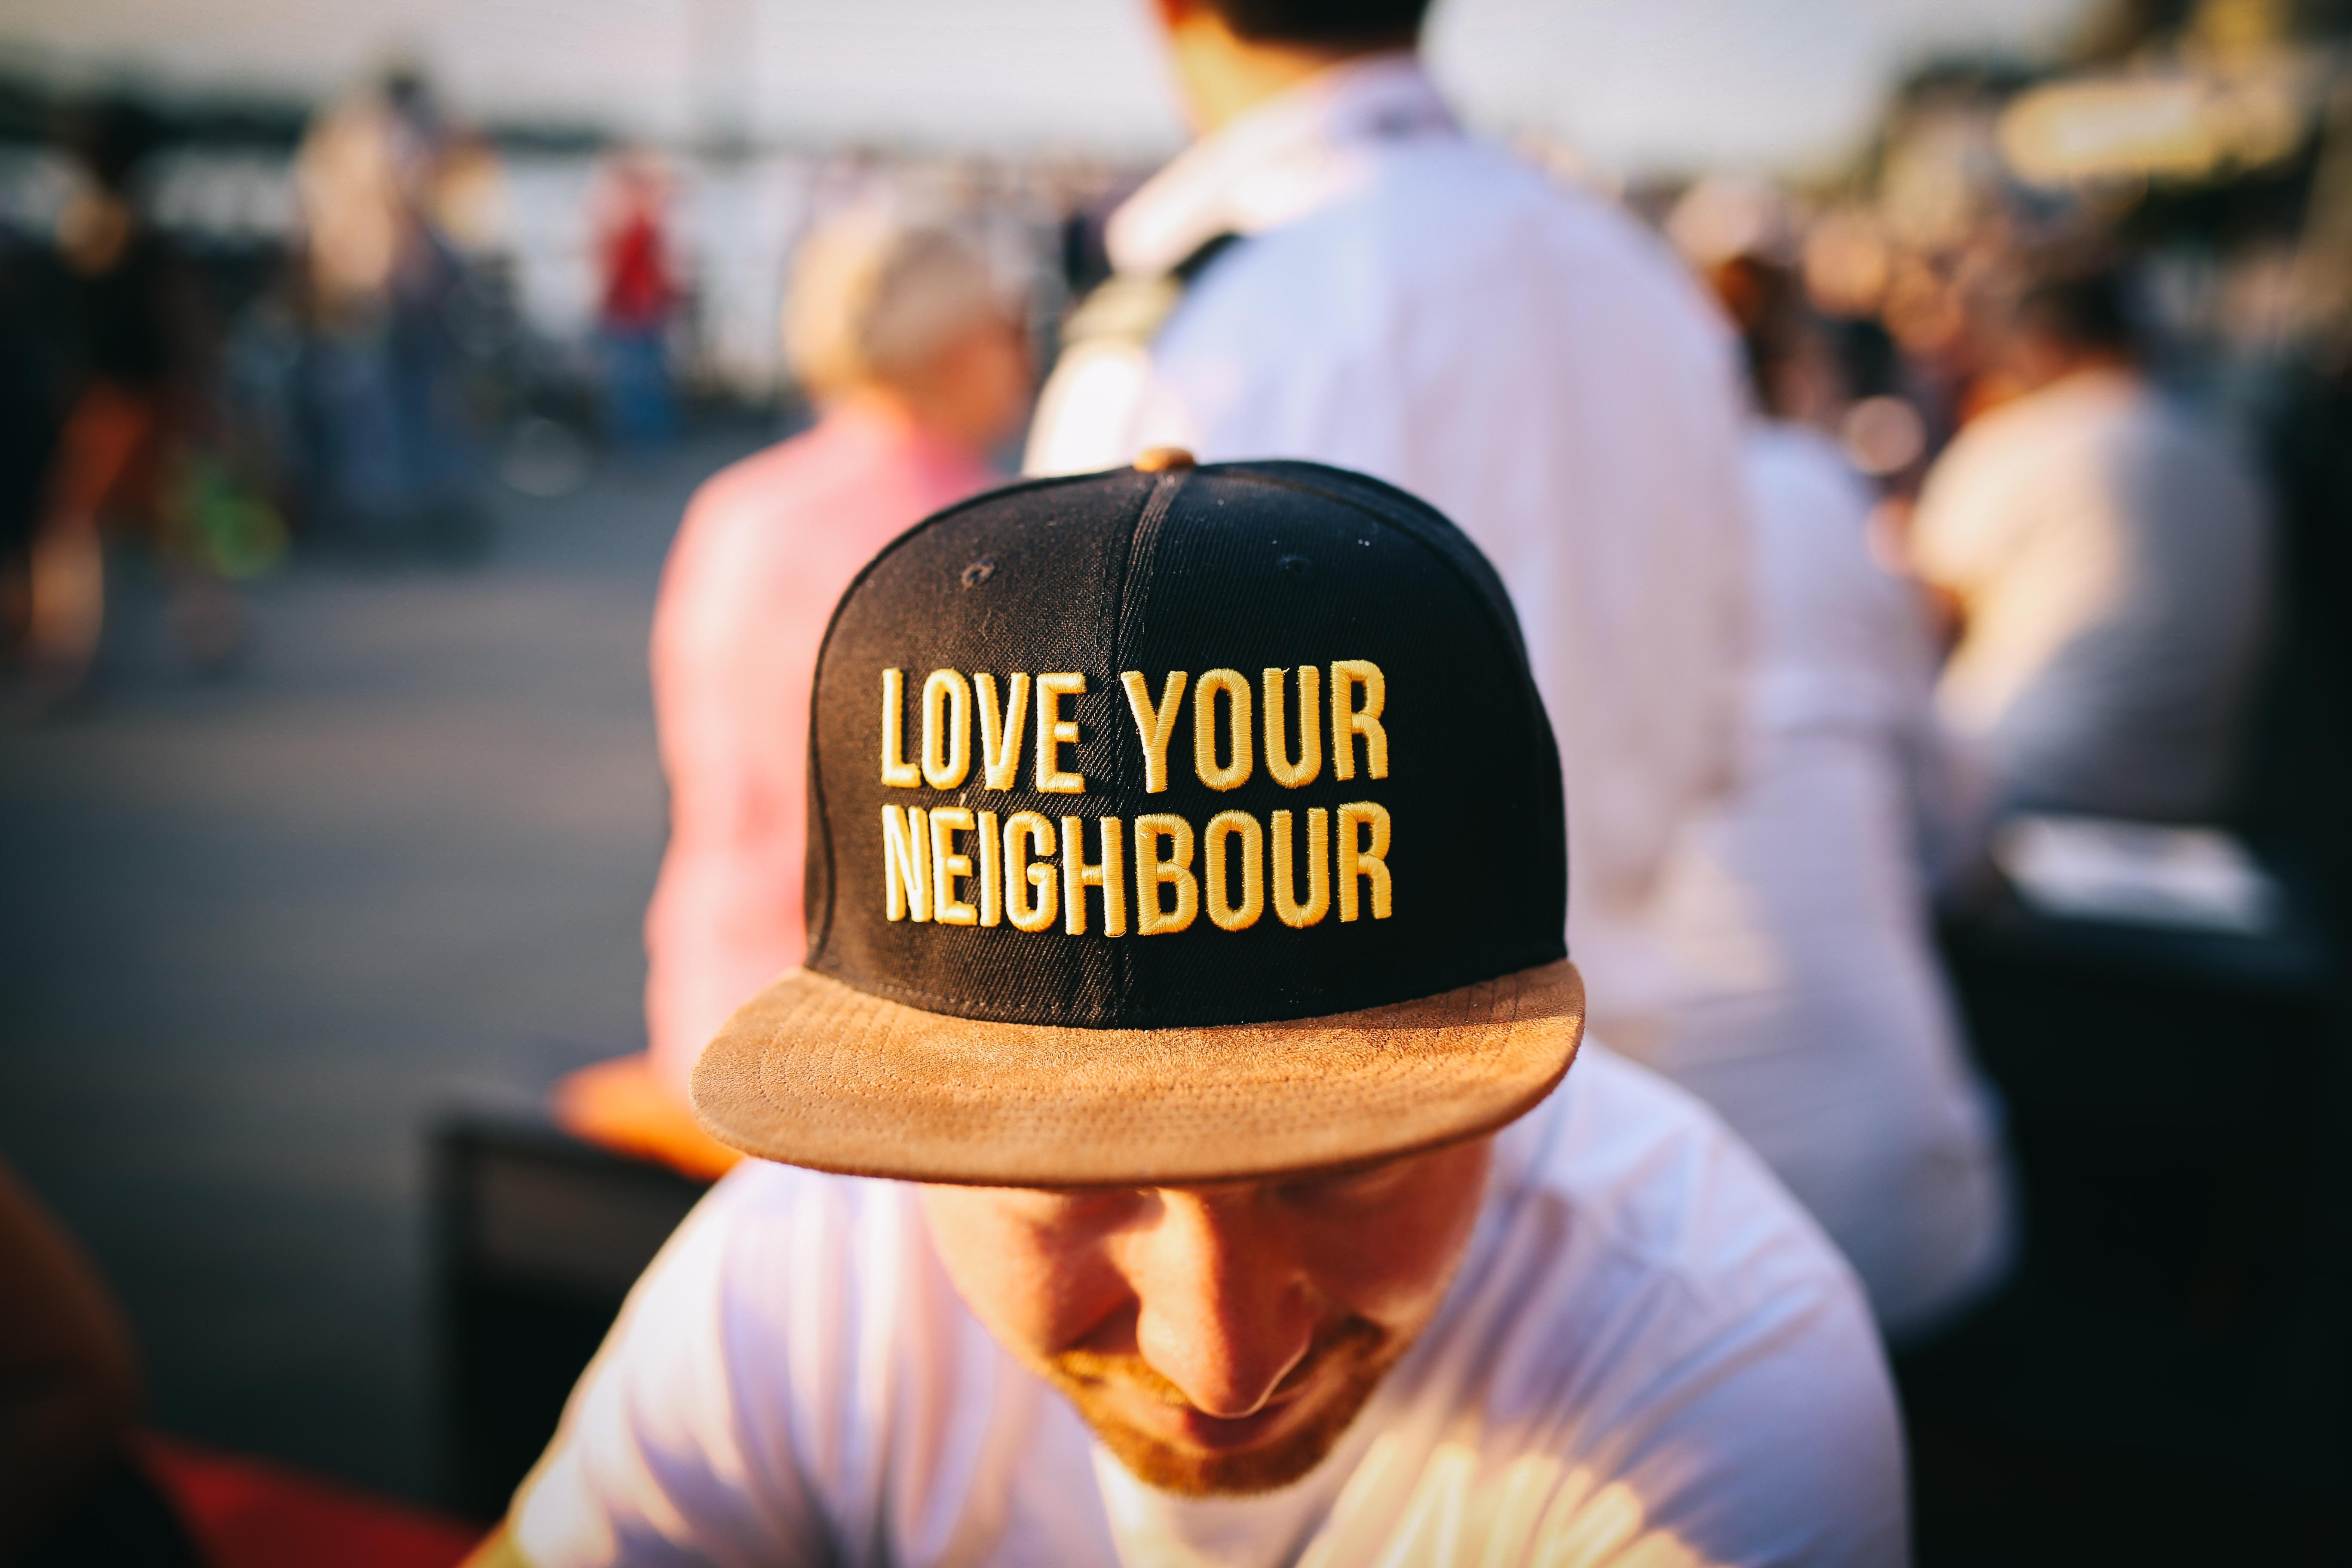 Häiritsevä naapuri – mitä on tehtävissä? Kiinteistölakimies vastaa